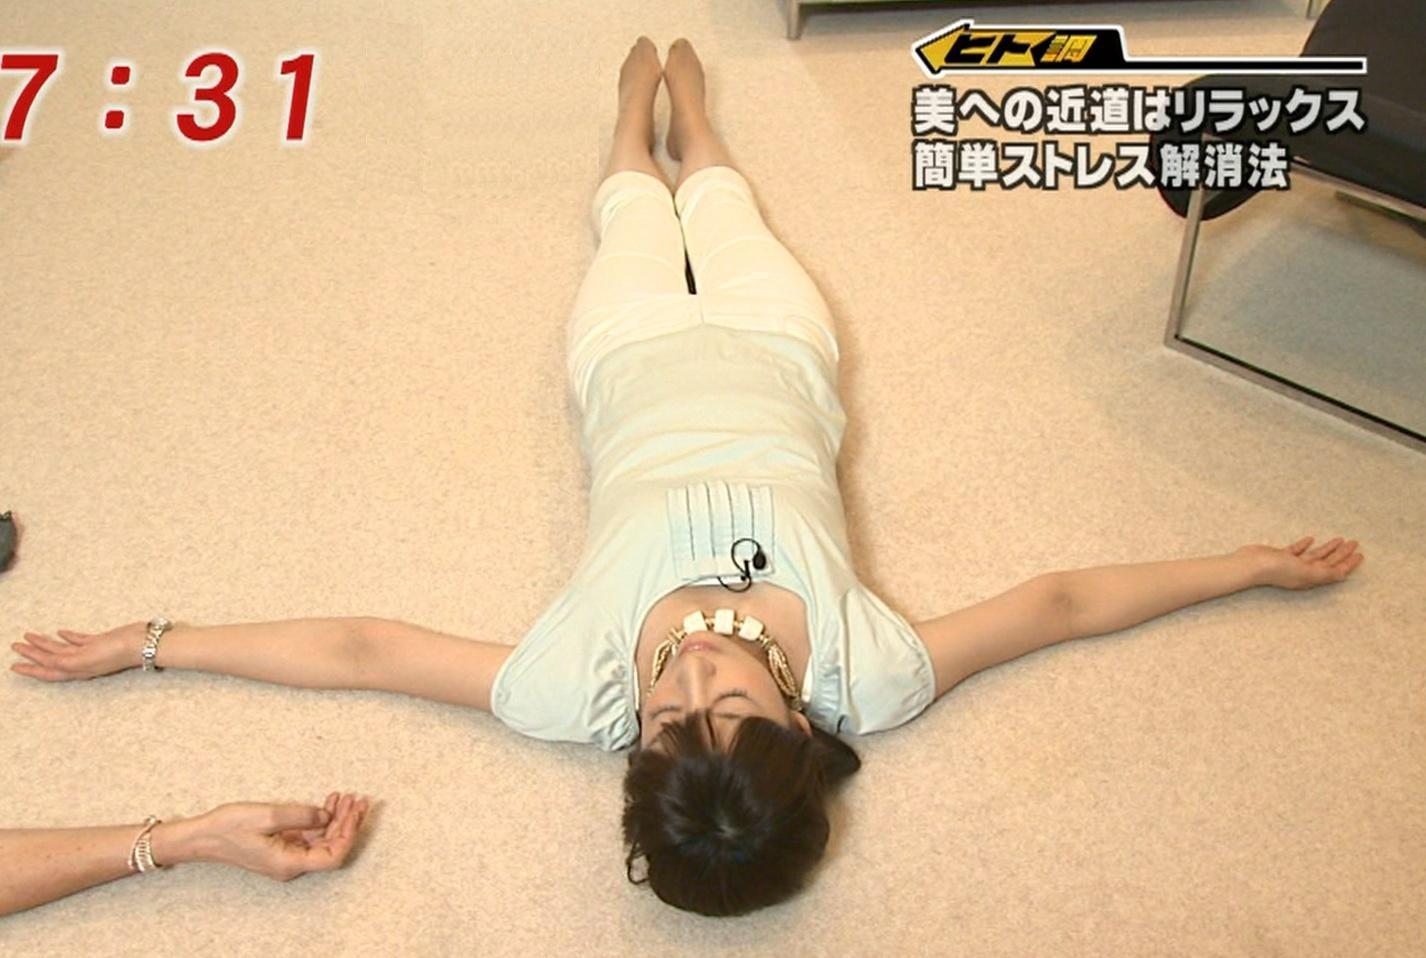 生野陽子 大の字に寝るキャプ画像(エロ・アイコラ画像)